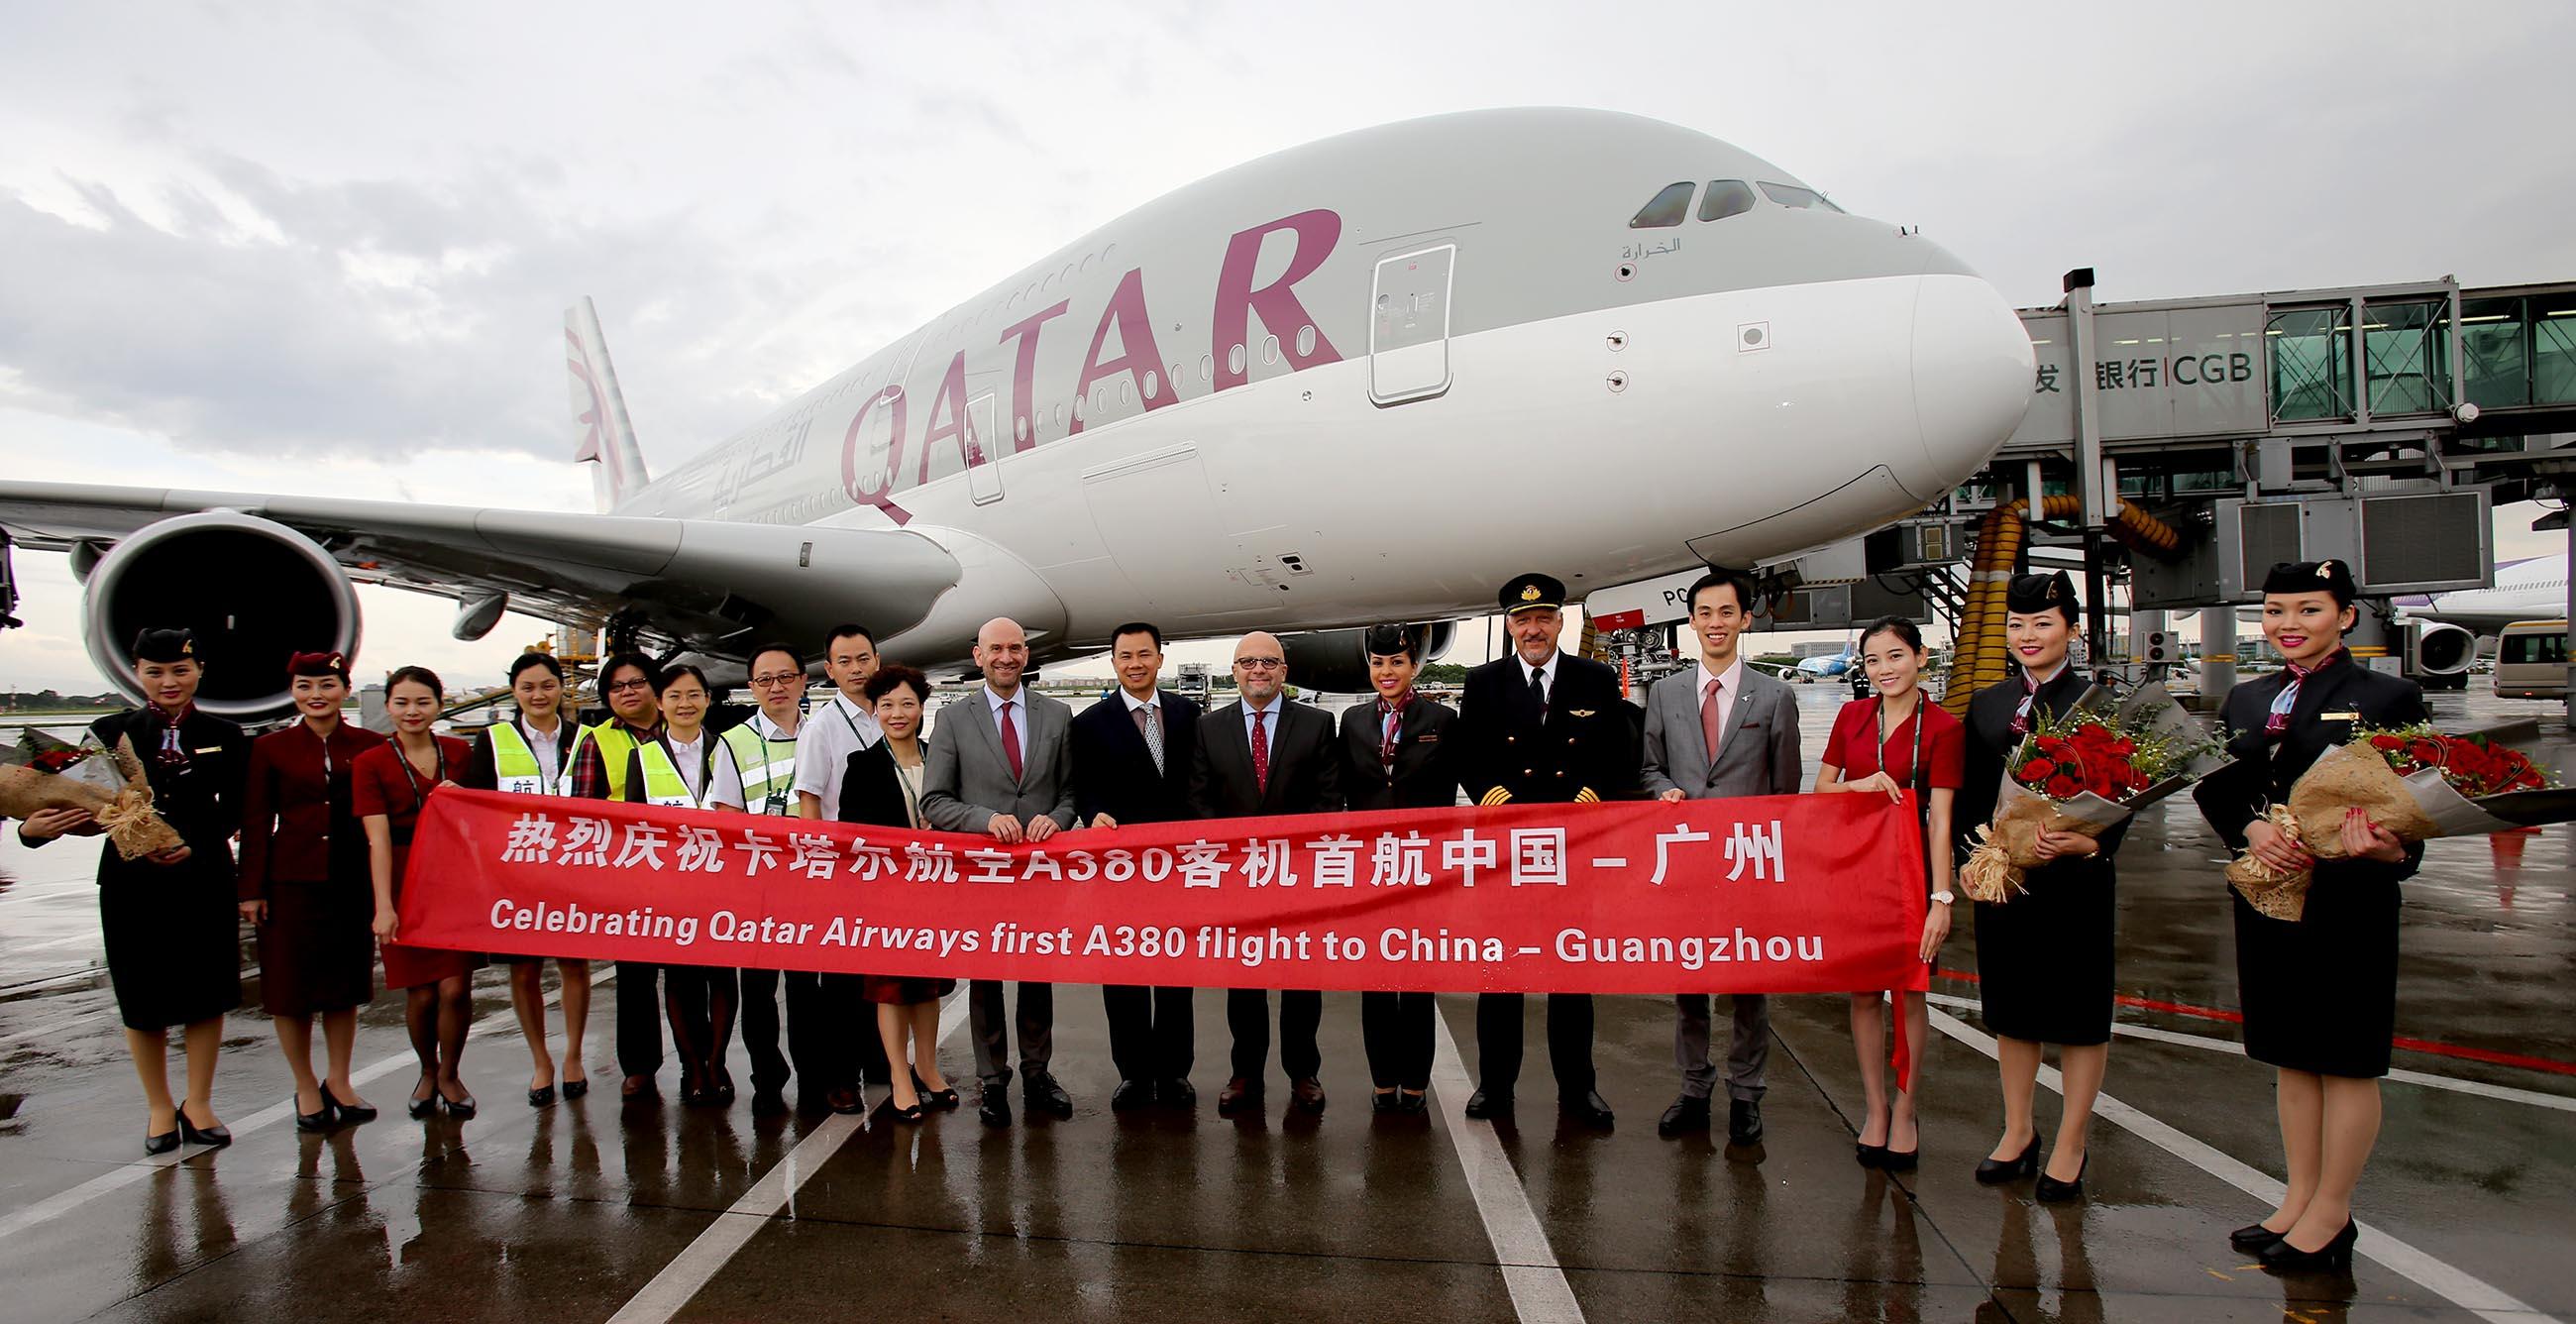 包括上海,北京,广州,香港,重庆,成都和杭州,每周共计45次航班,为中国